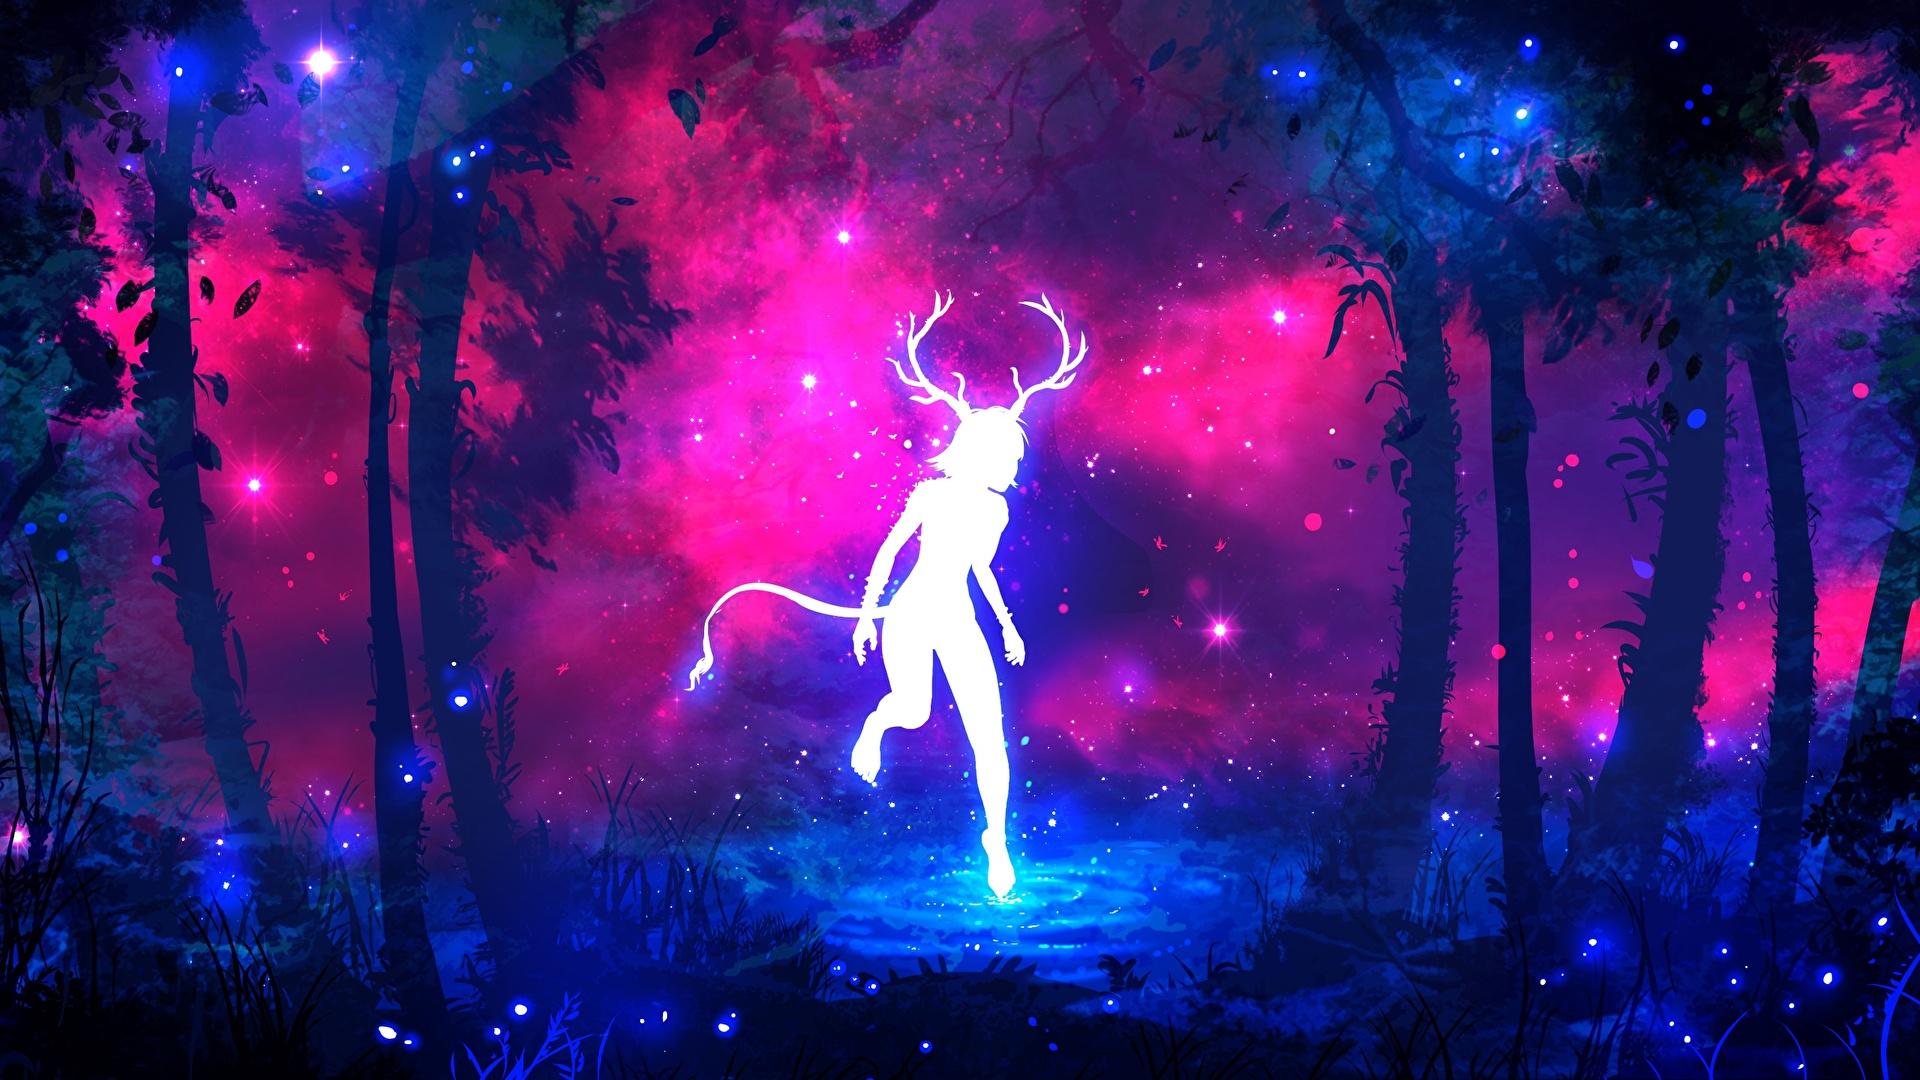 Картинки Рога Силуэт Deer Woman Фантастика Хвост Сверхъестественные существа 1920x1080 силуэта силуэты с рогами Фэнтези хвоста